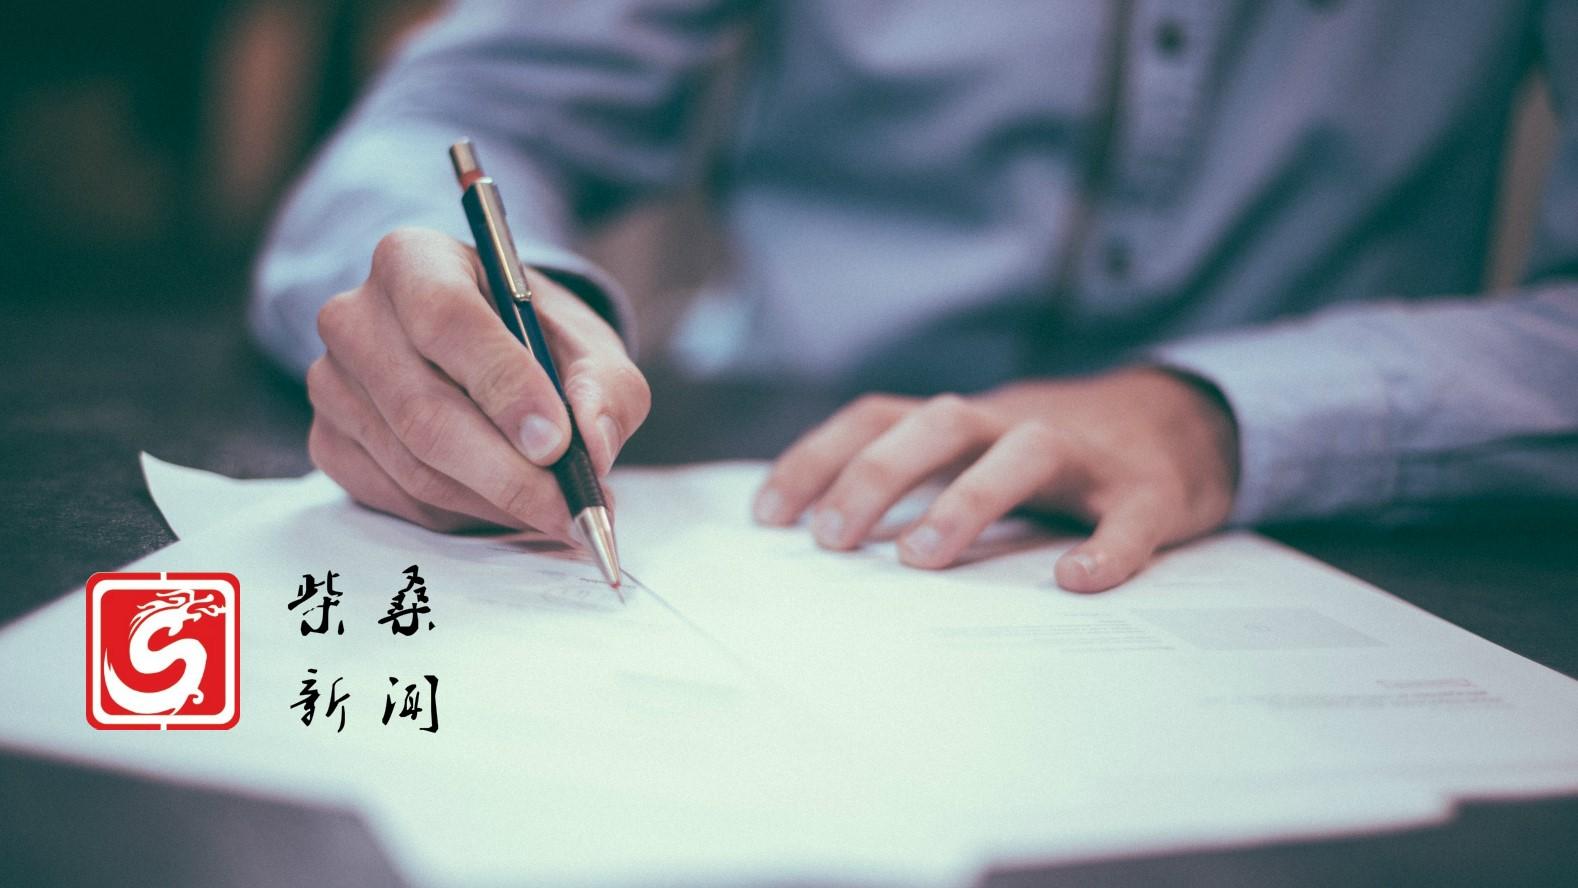 【柴桑新闻】我所朱启凡律师受邀至国能湖口风力发电有限公司宣讲民法典